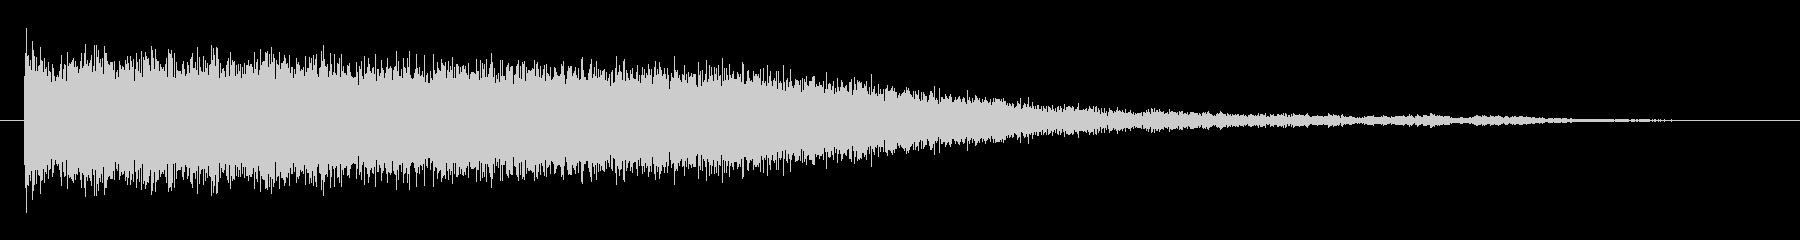 素材 ビットスライスシンセ03の未再生の波形